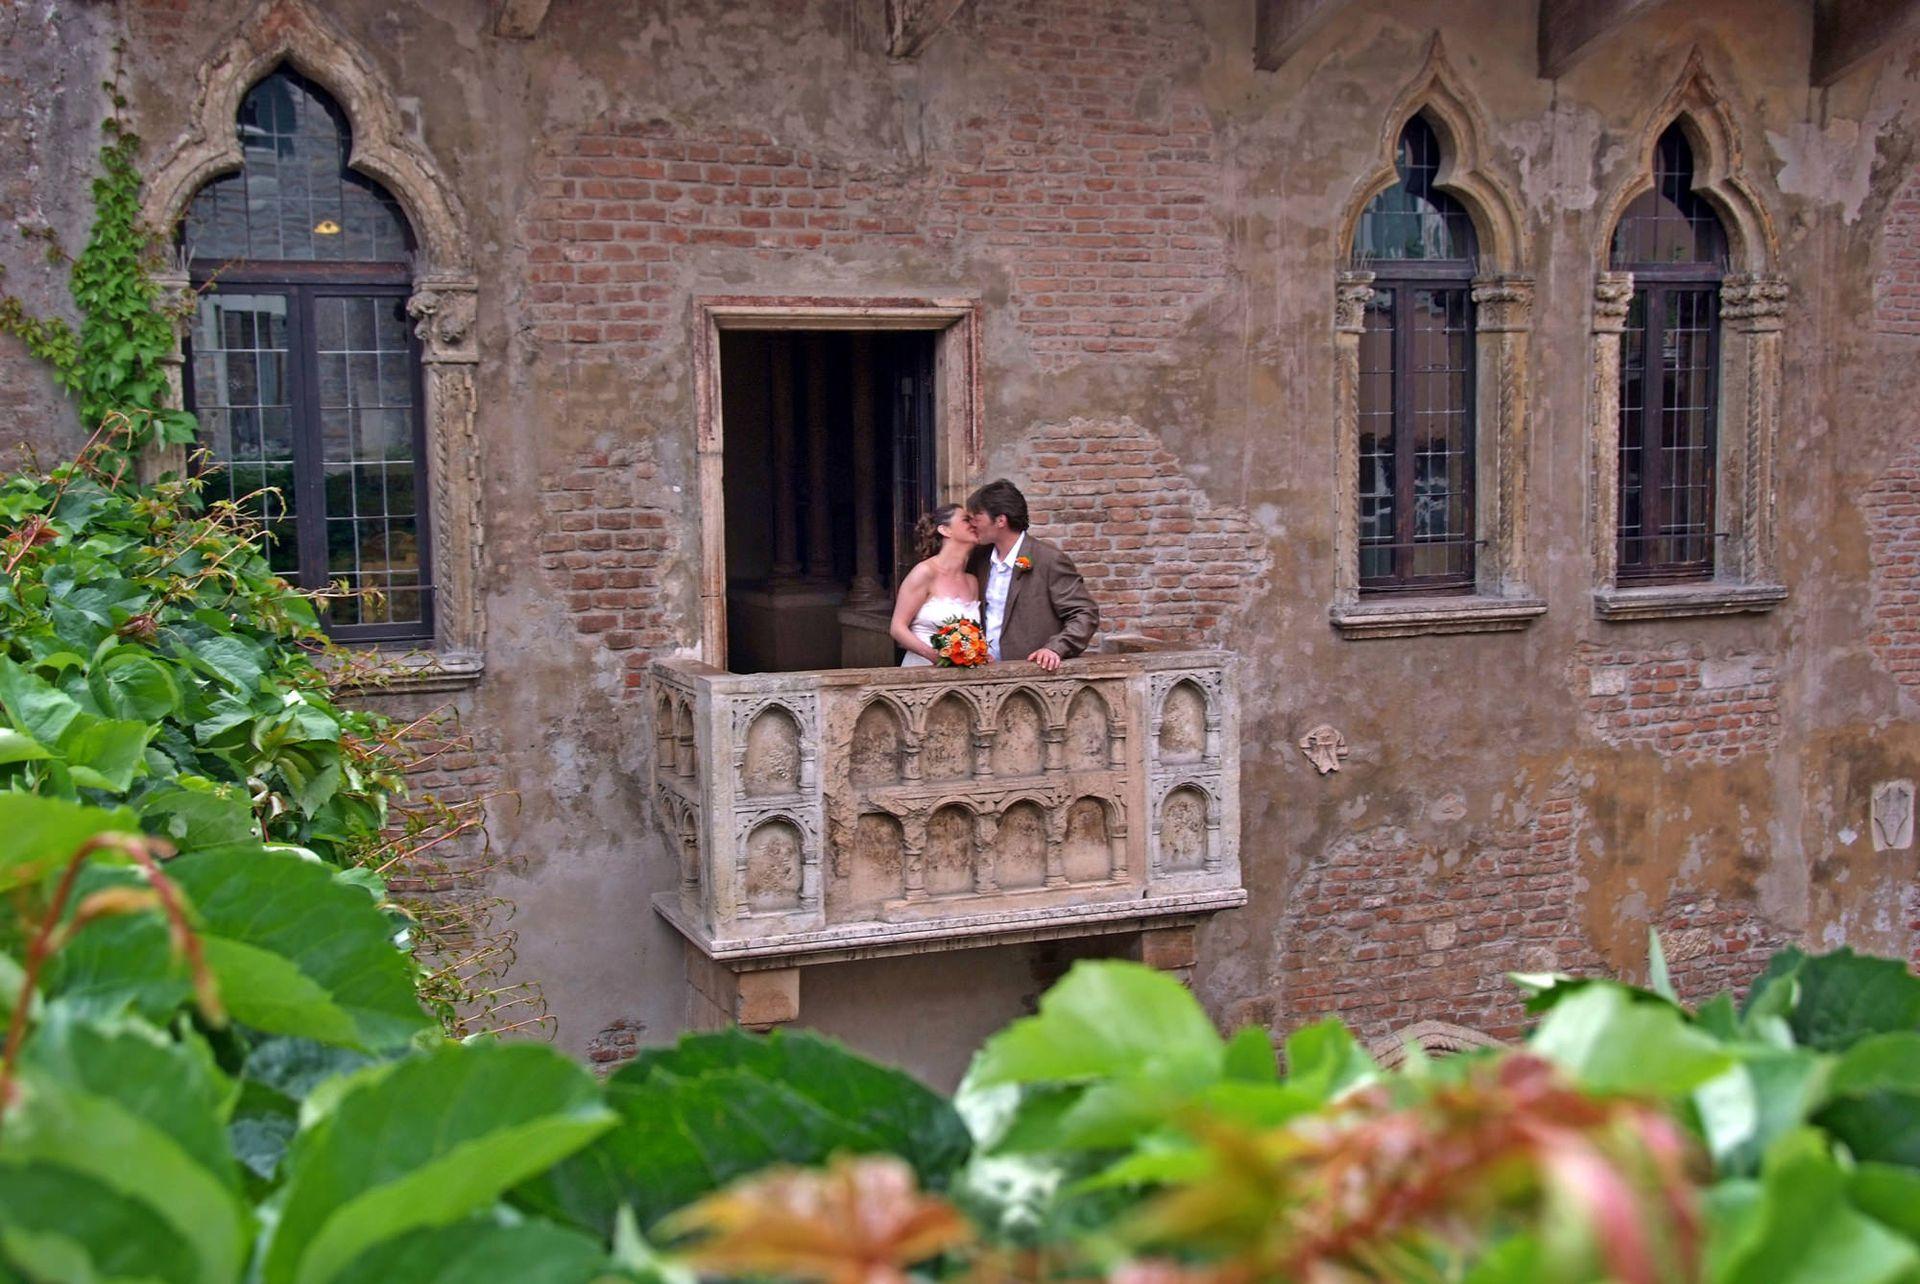 Muchos jóvenes organizan su boda aquí y se fotografían juntos en el famoso balcón.